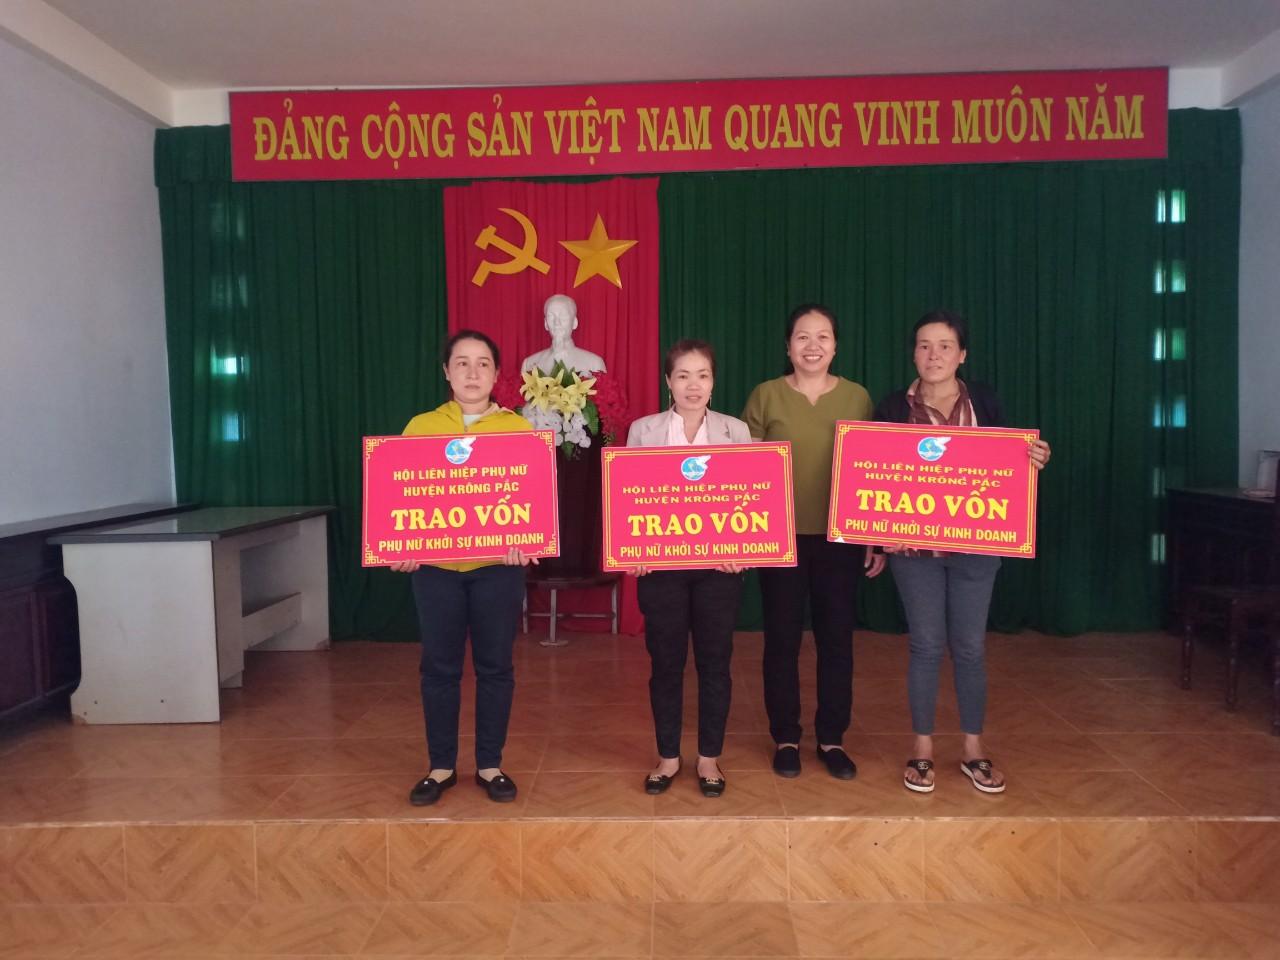 Trao vốn khởi nghiệp, khởi sự kinh doanh cho hội viên phụ nữ thị trấn Phước An, huyện Krông Pắk